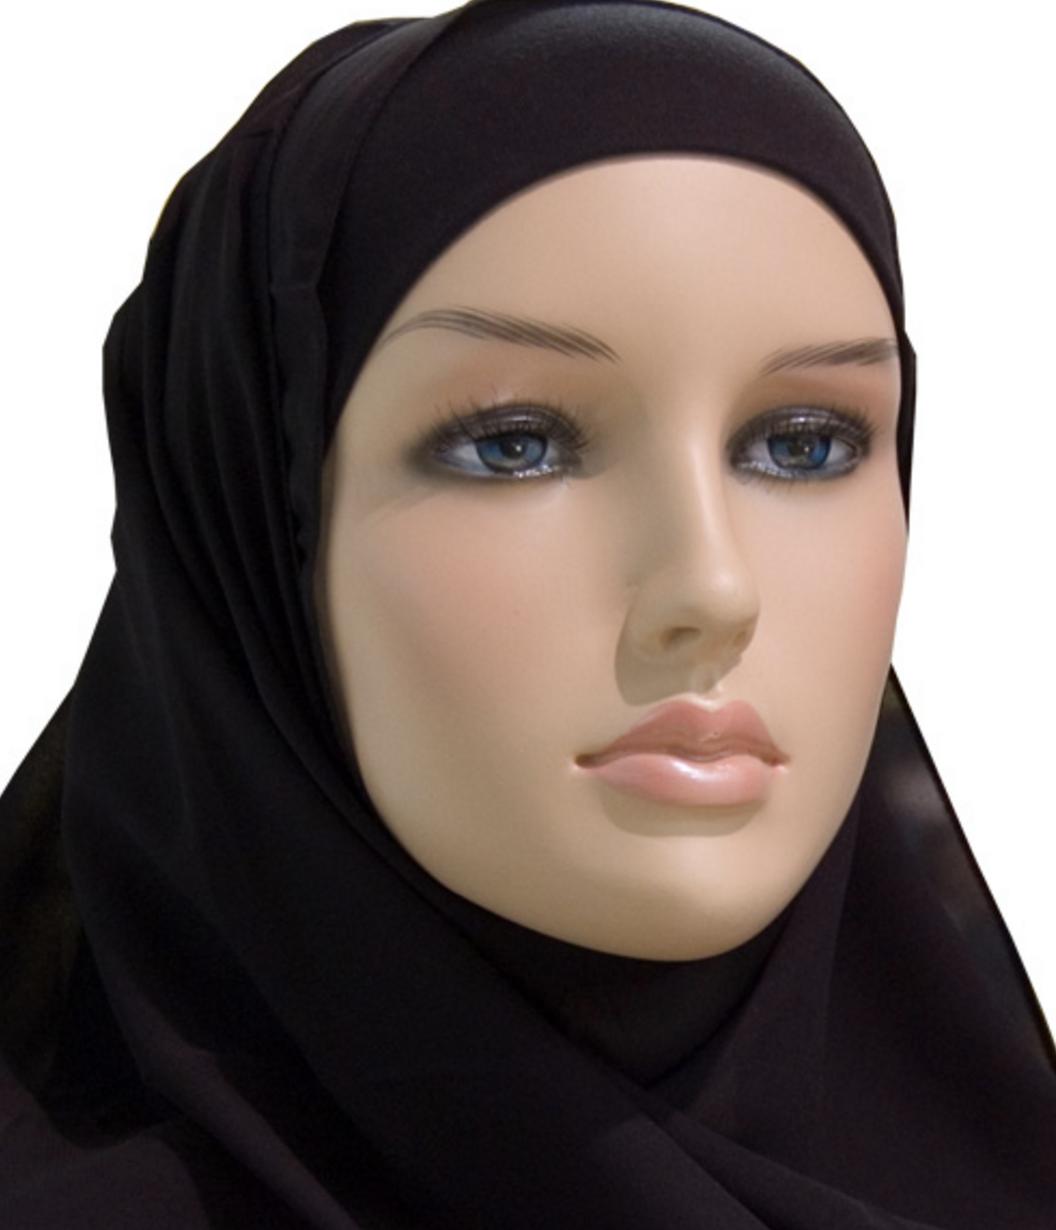 Kanskje Forsvaret ville akseptert denne hijaben?